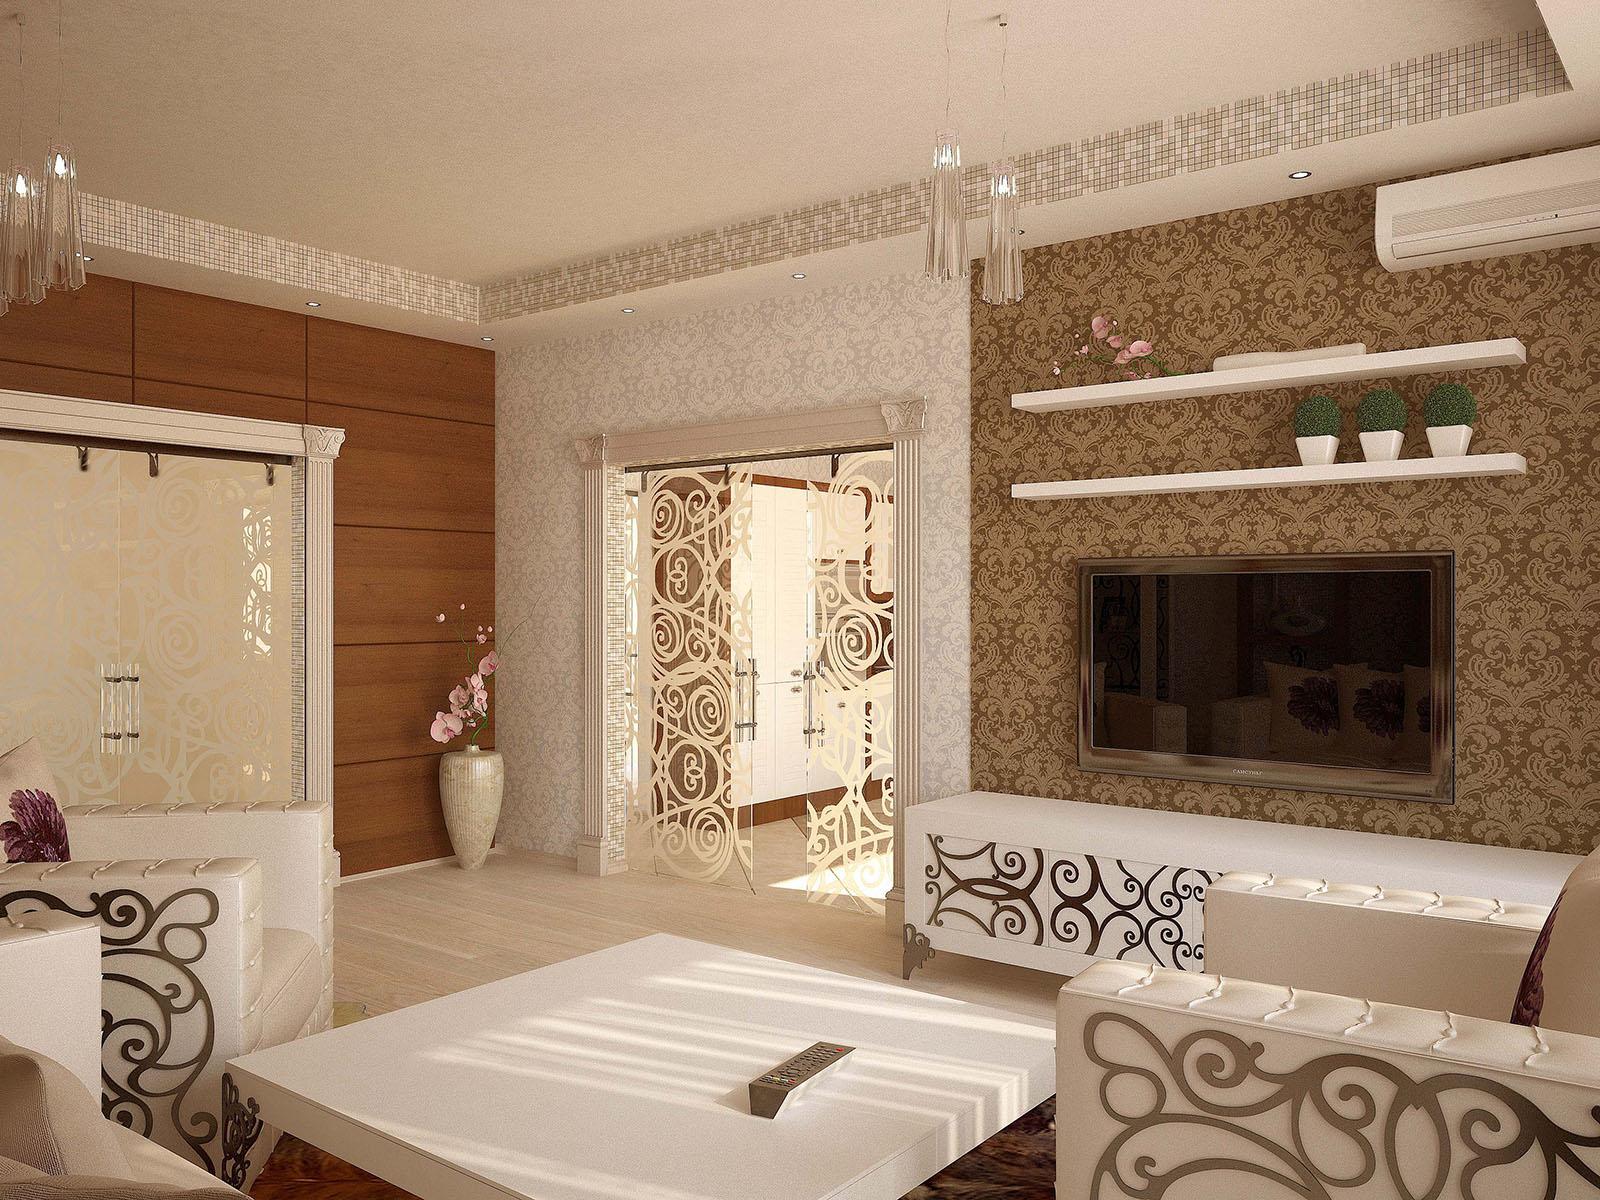 Стеклянные раздвижные двери также визуально расширяют пространство кухни и гостиной.